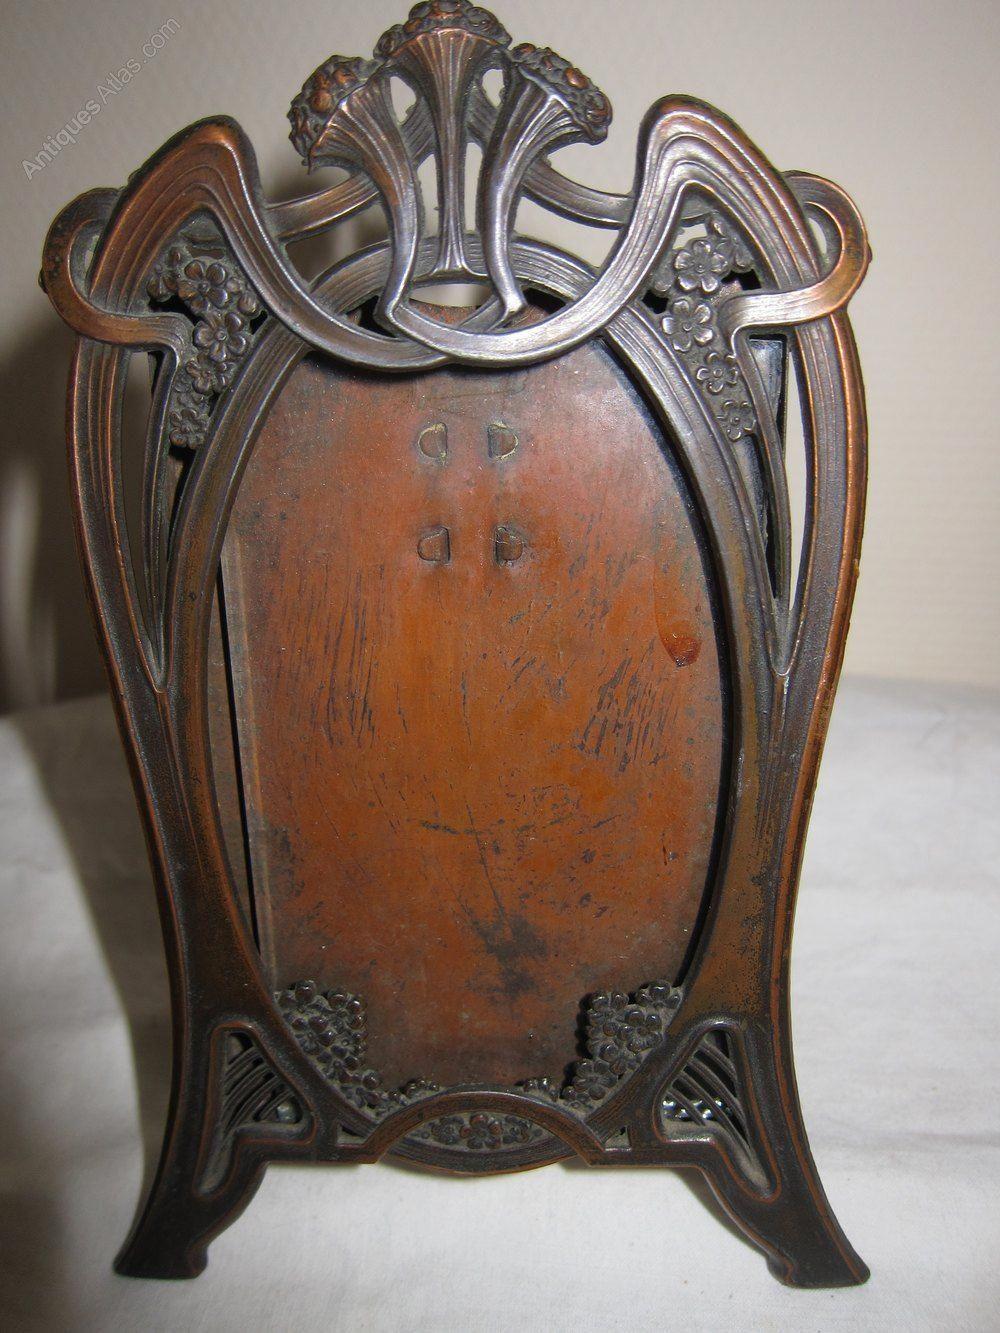 Antiques Atlas Art Nouveau Picture Or Photo Frame Buyinglist Art Nouveau Antiques Art Nouveau Design Art Nouveau